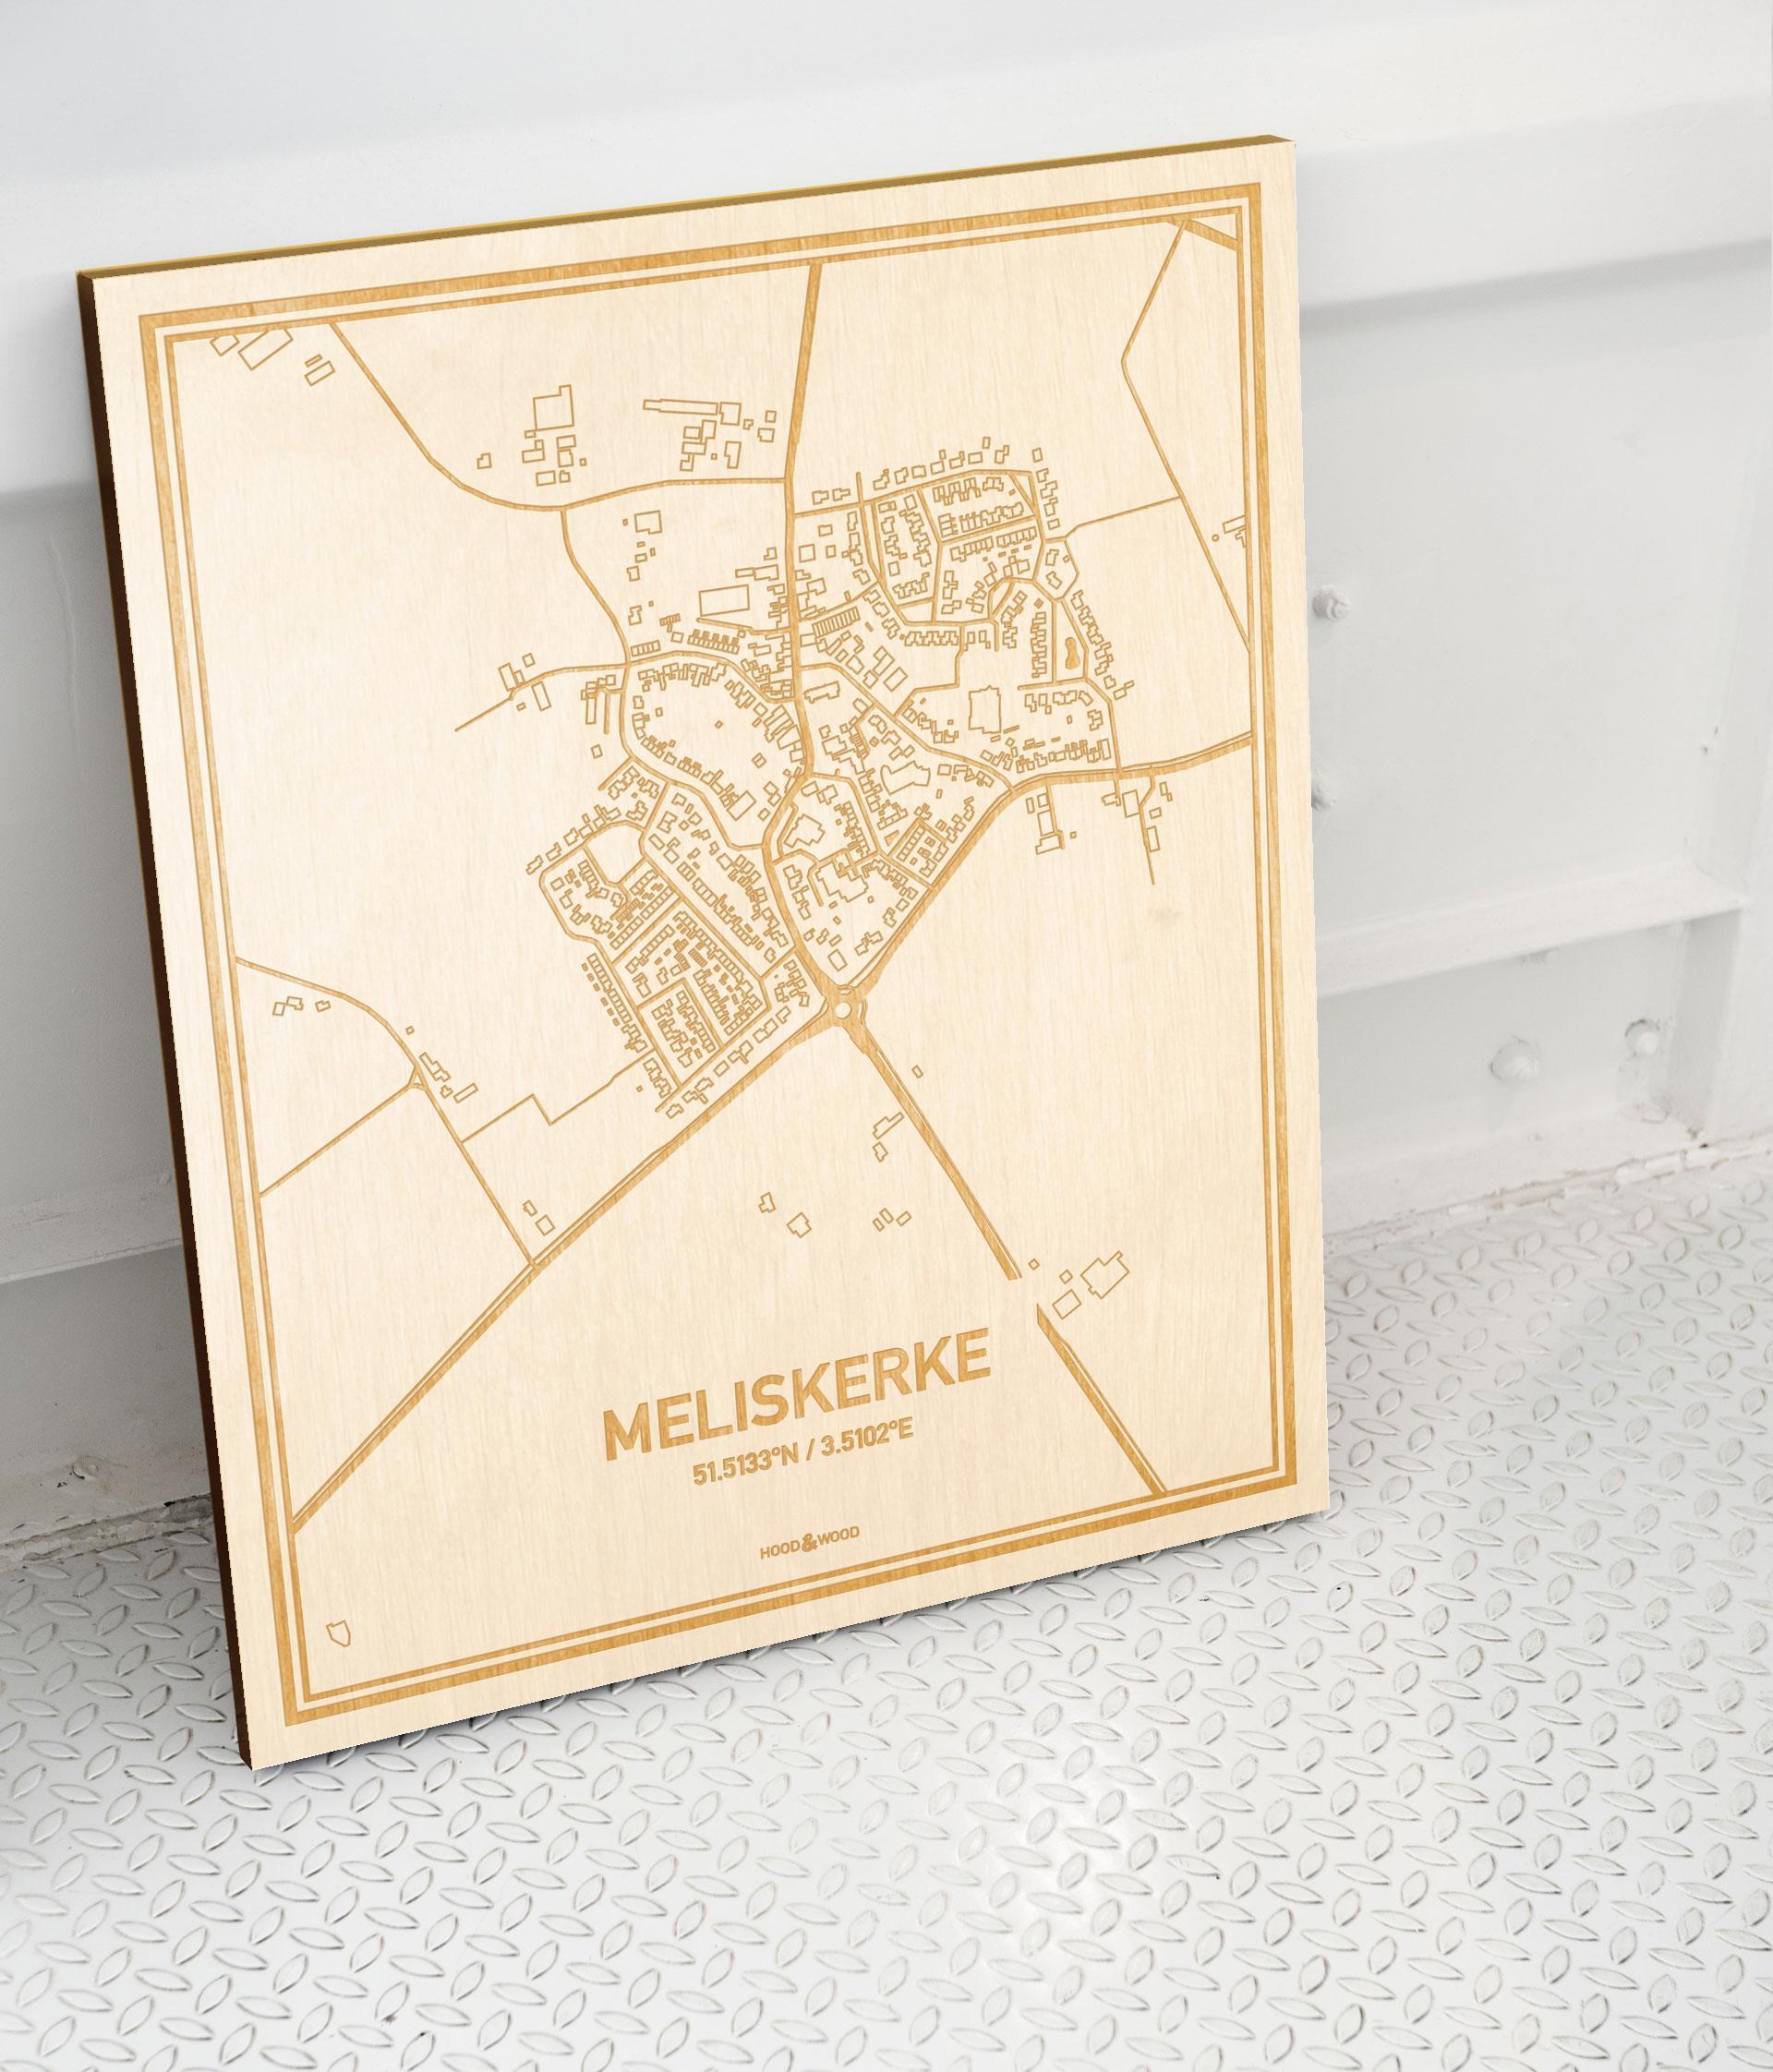 Plattegrond Meliskerke als prachtige houten wanddecoratie. Het warme hout contrasteert mooi met de witte muur.